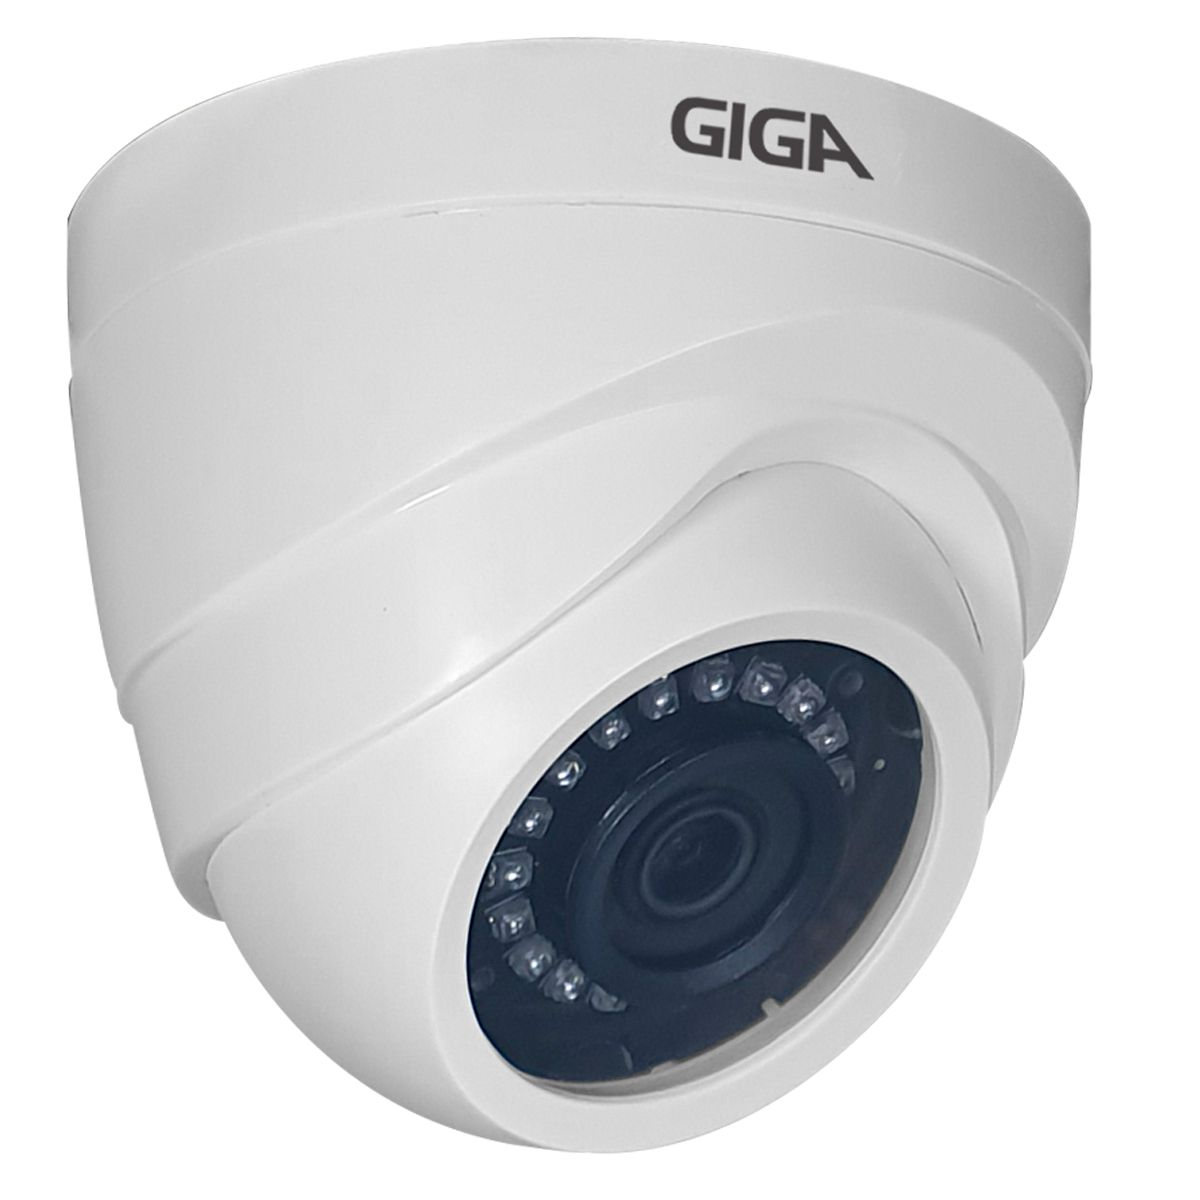 Kit Giga Security 8 Câmeras HD 720p GS0019 + DVR Lite + Acessórios  - Tudo Forte